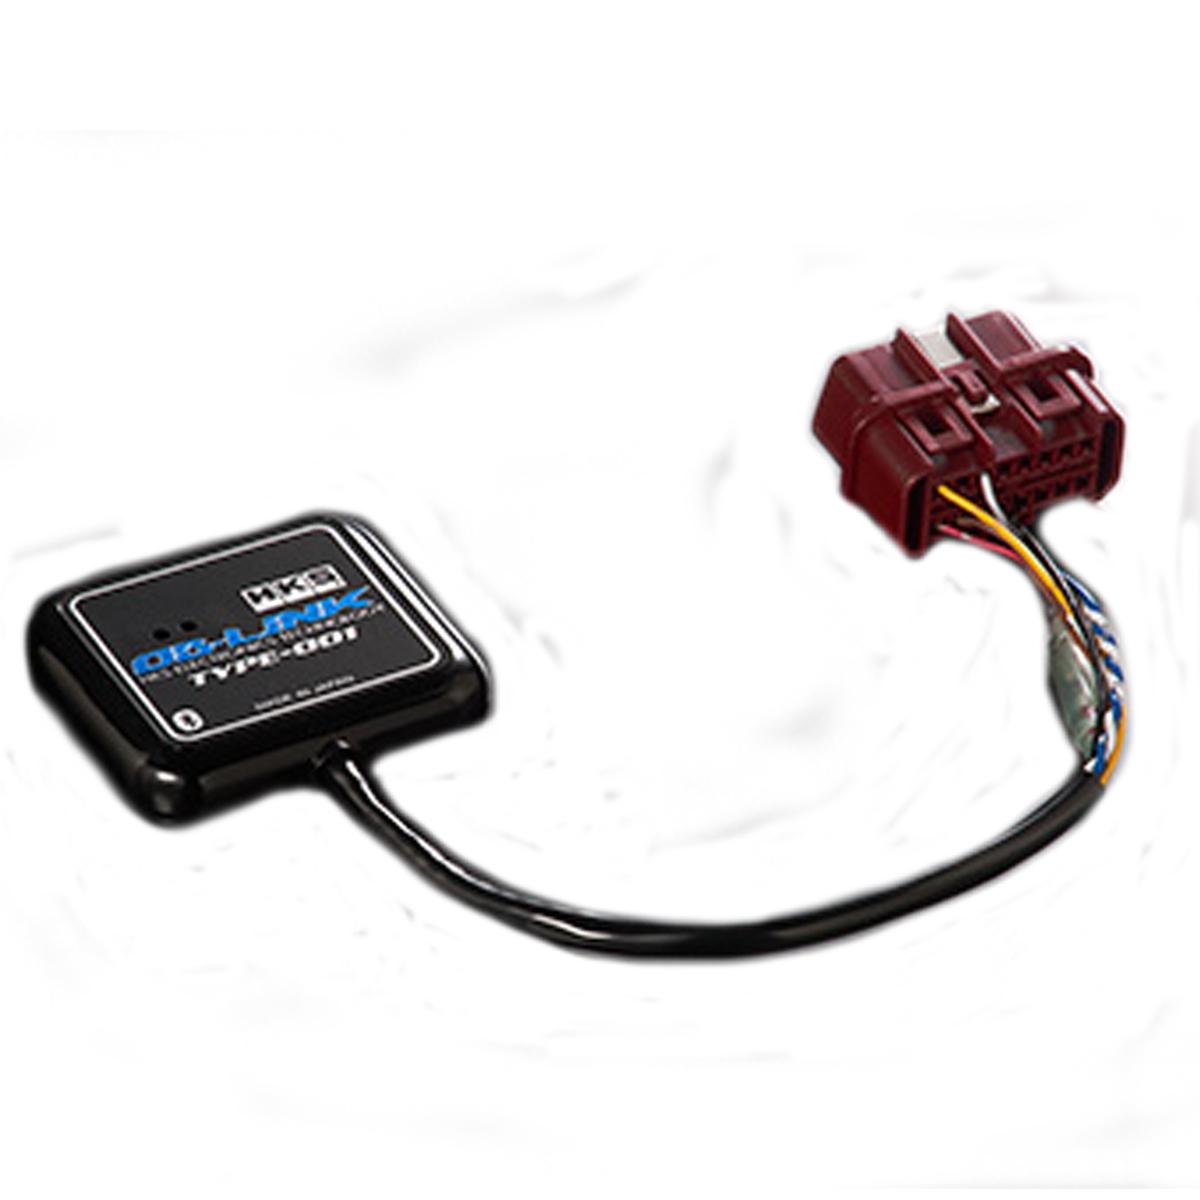 クー モニター OBリンク タイプ 001 M401S/M411S HKS 44009-AK002 エレクトリニクス